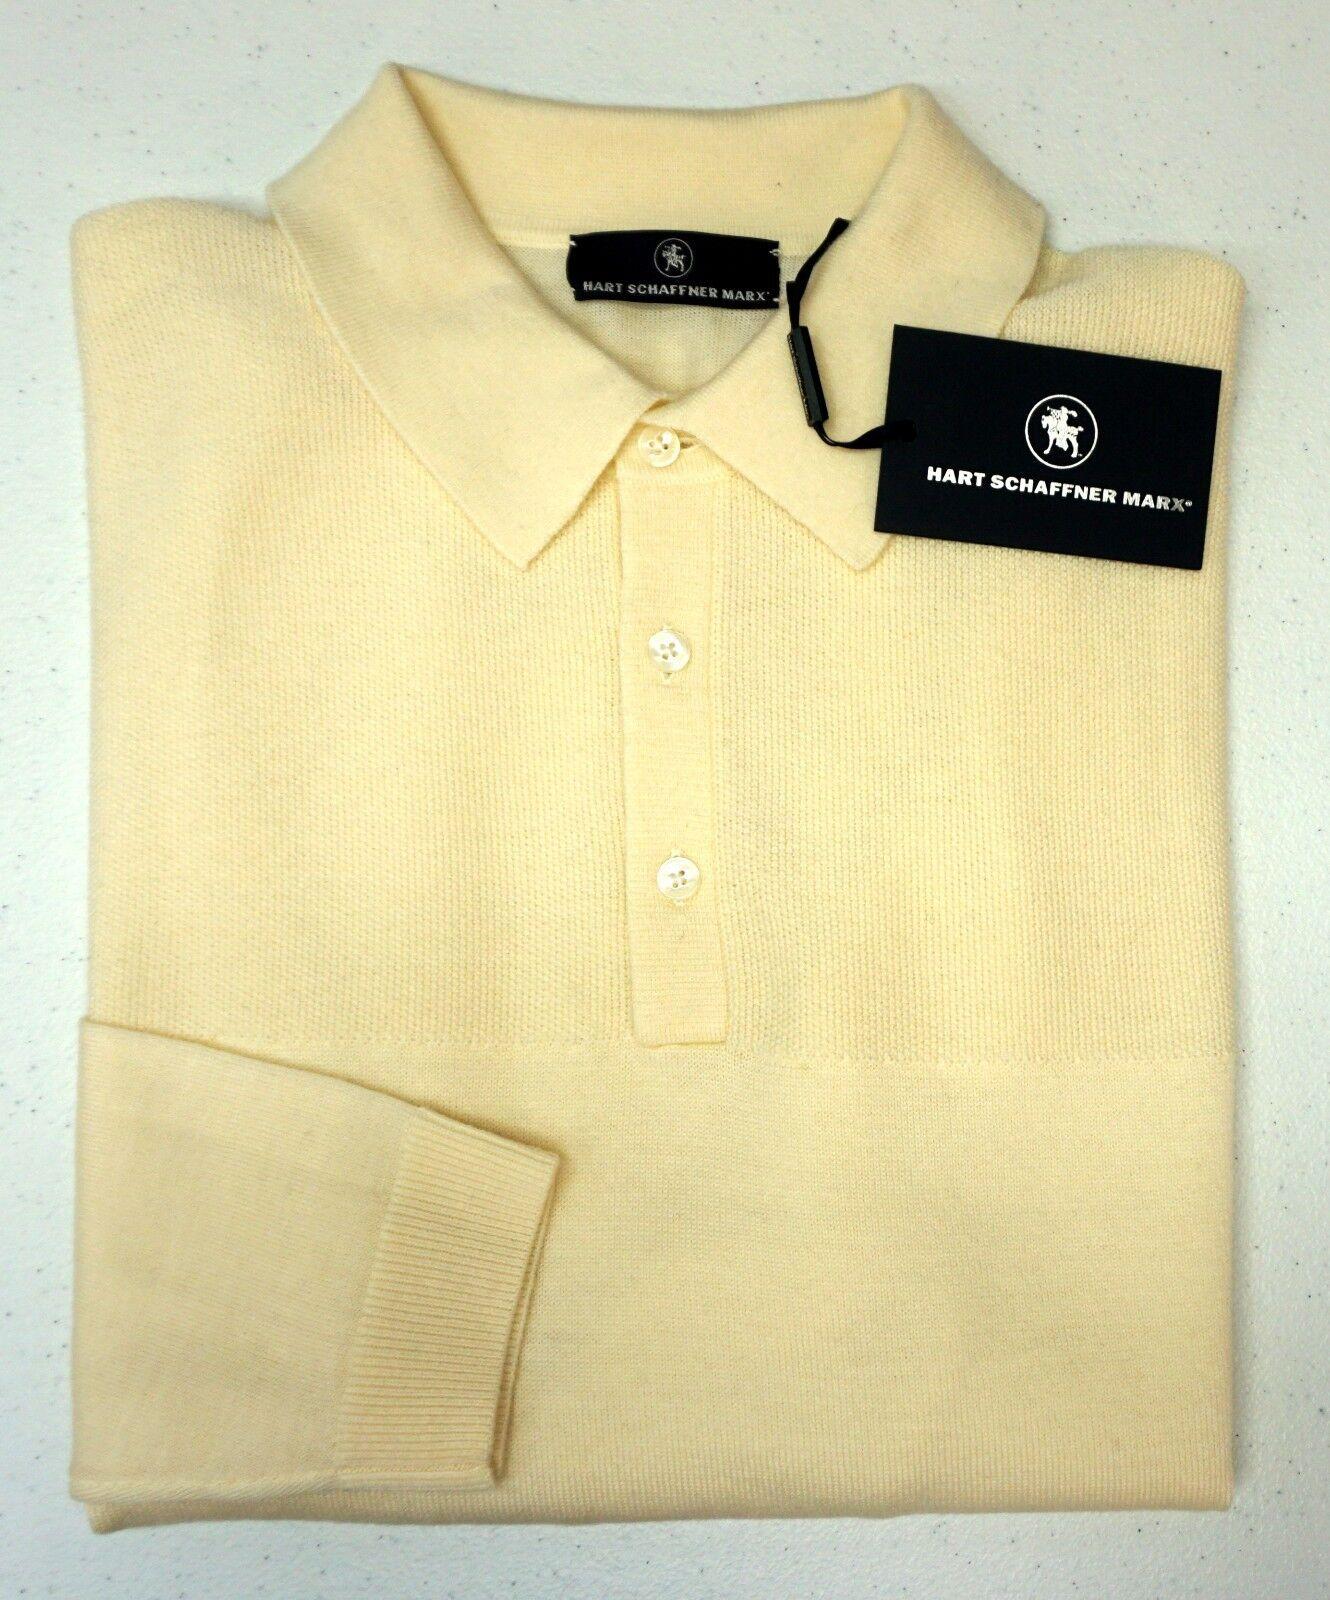 NWT 150 Hart Schaffner Marx LS Polo Sweater  Herren Größe M 100% Merino Wool Ivory